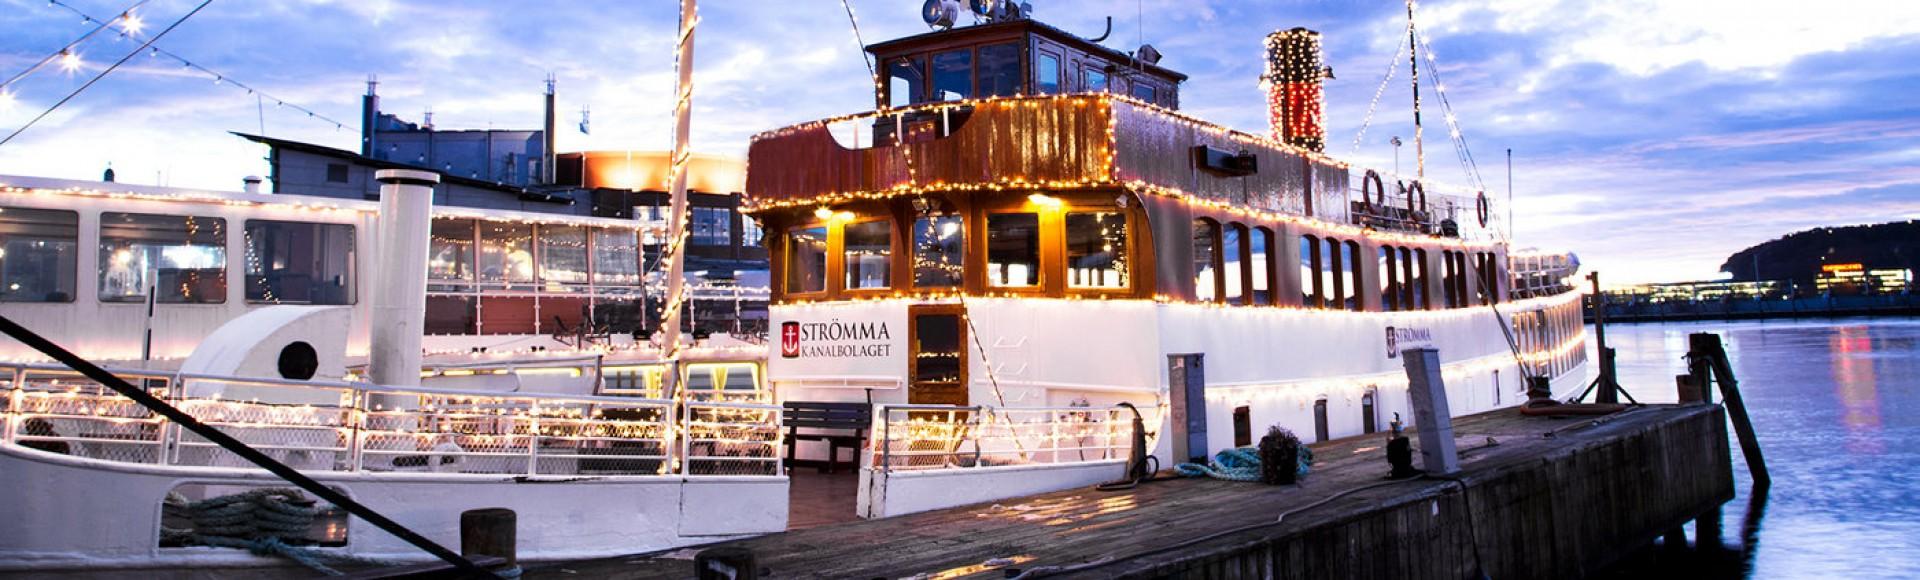 Cruceros de Navidad por el archipiélago de Gotemburgo